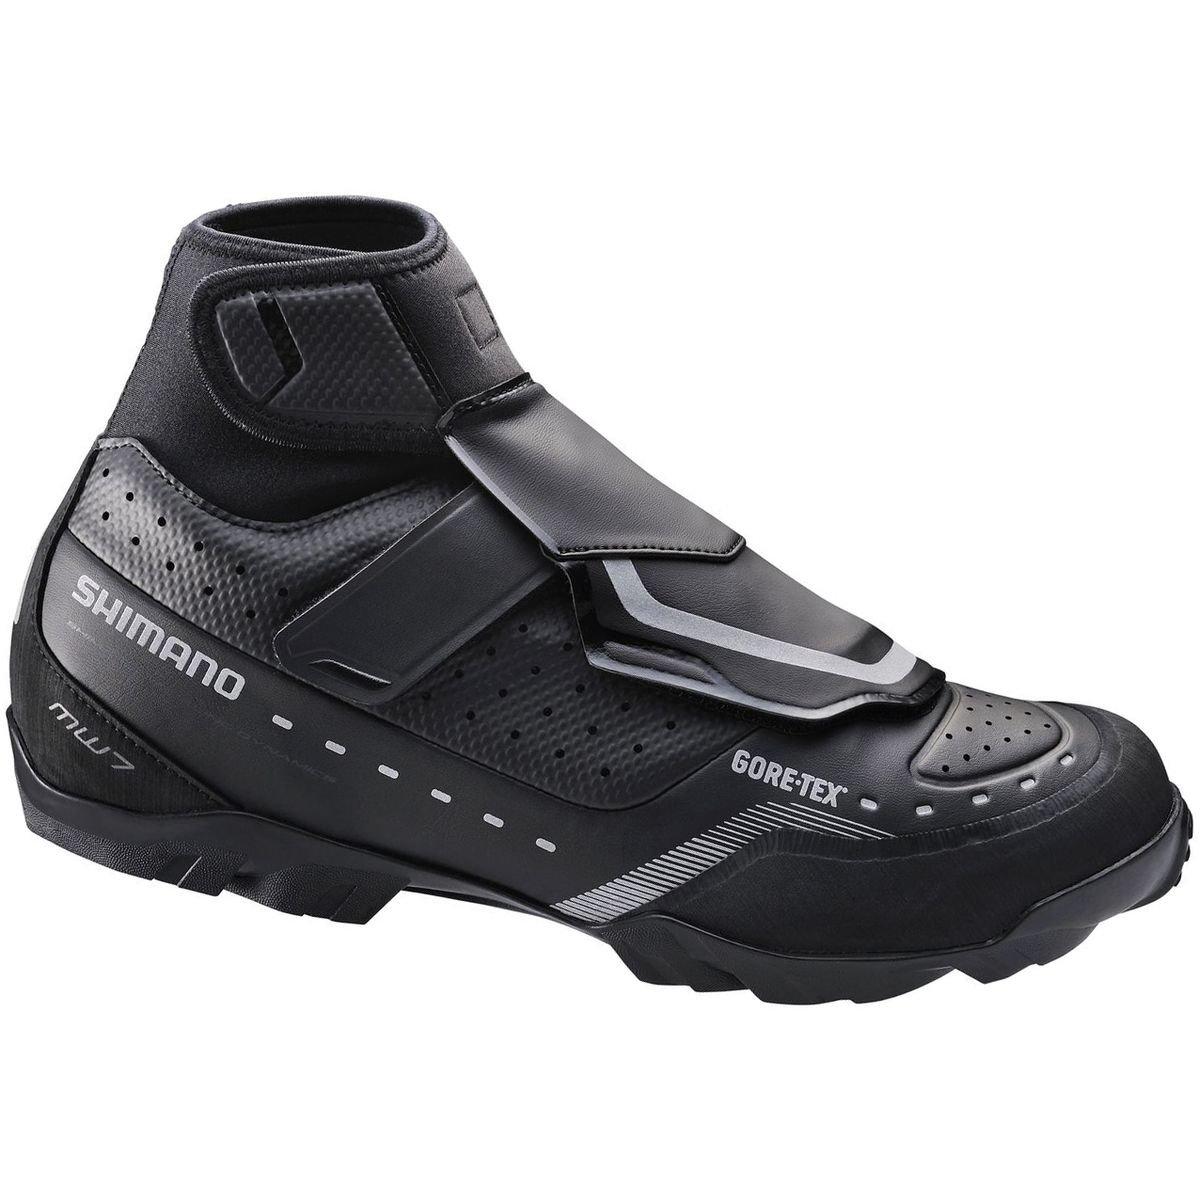 Shimano SHMW7 Trail Enduro Shoe Men's Mountain Bike 41 EU Black